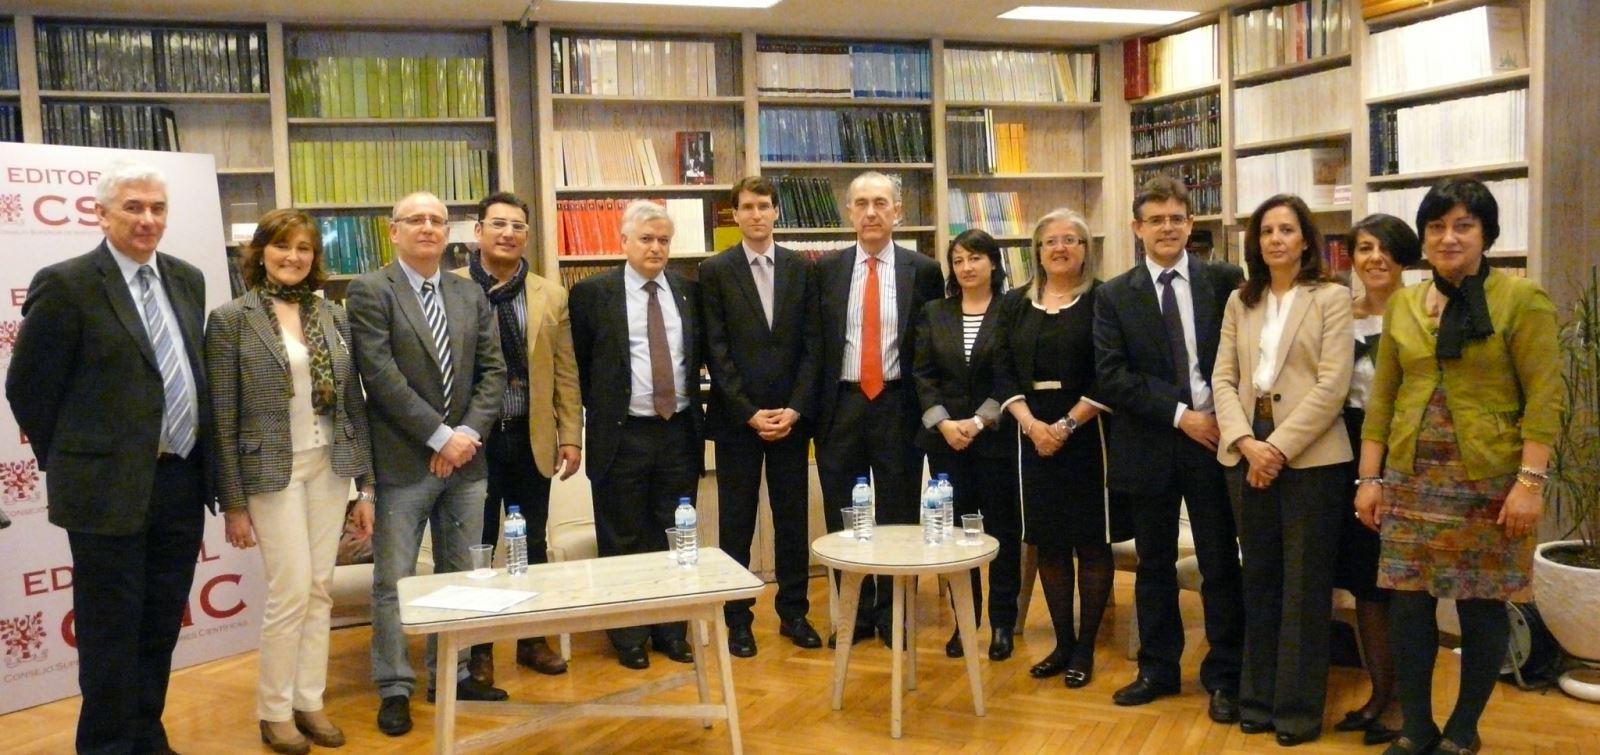 Une noticias luis pastor las editoriales universitarias publicamos para ciudadanos cr ticos - Libreria universitaria madrid ...